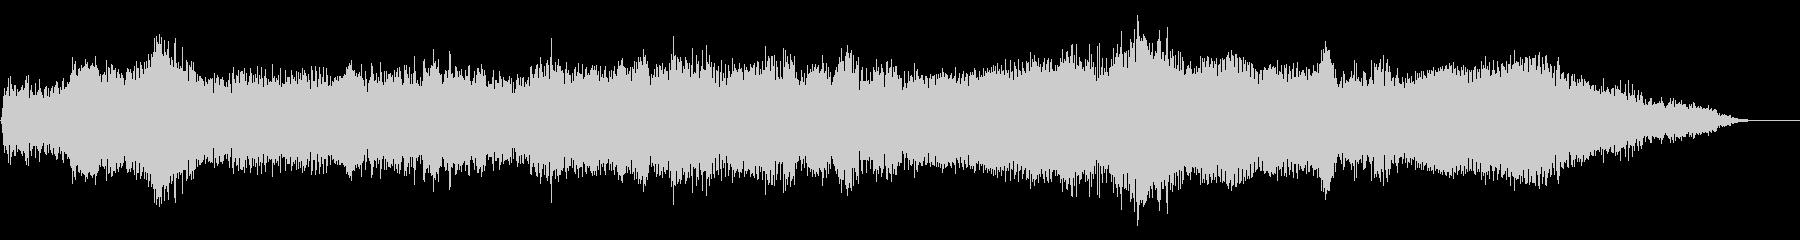 【ダークアンビエント】シーンBGM_07の未再生の波形